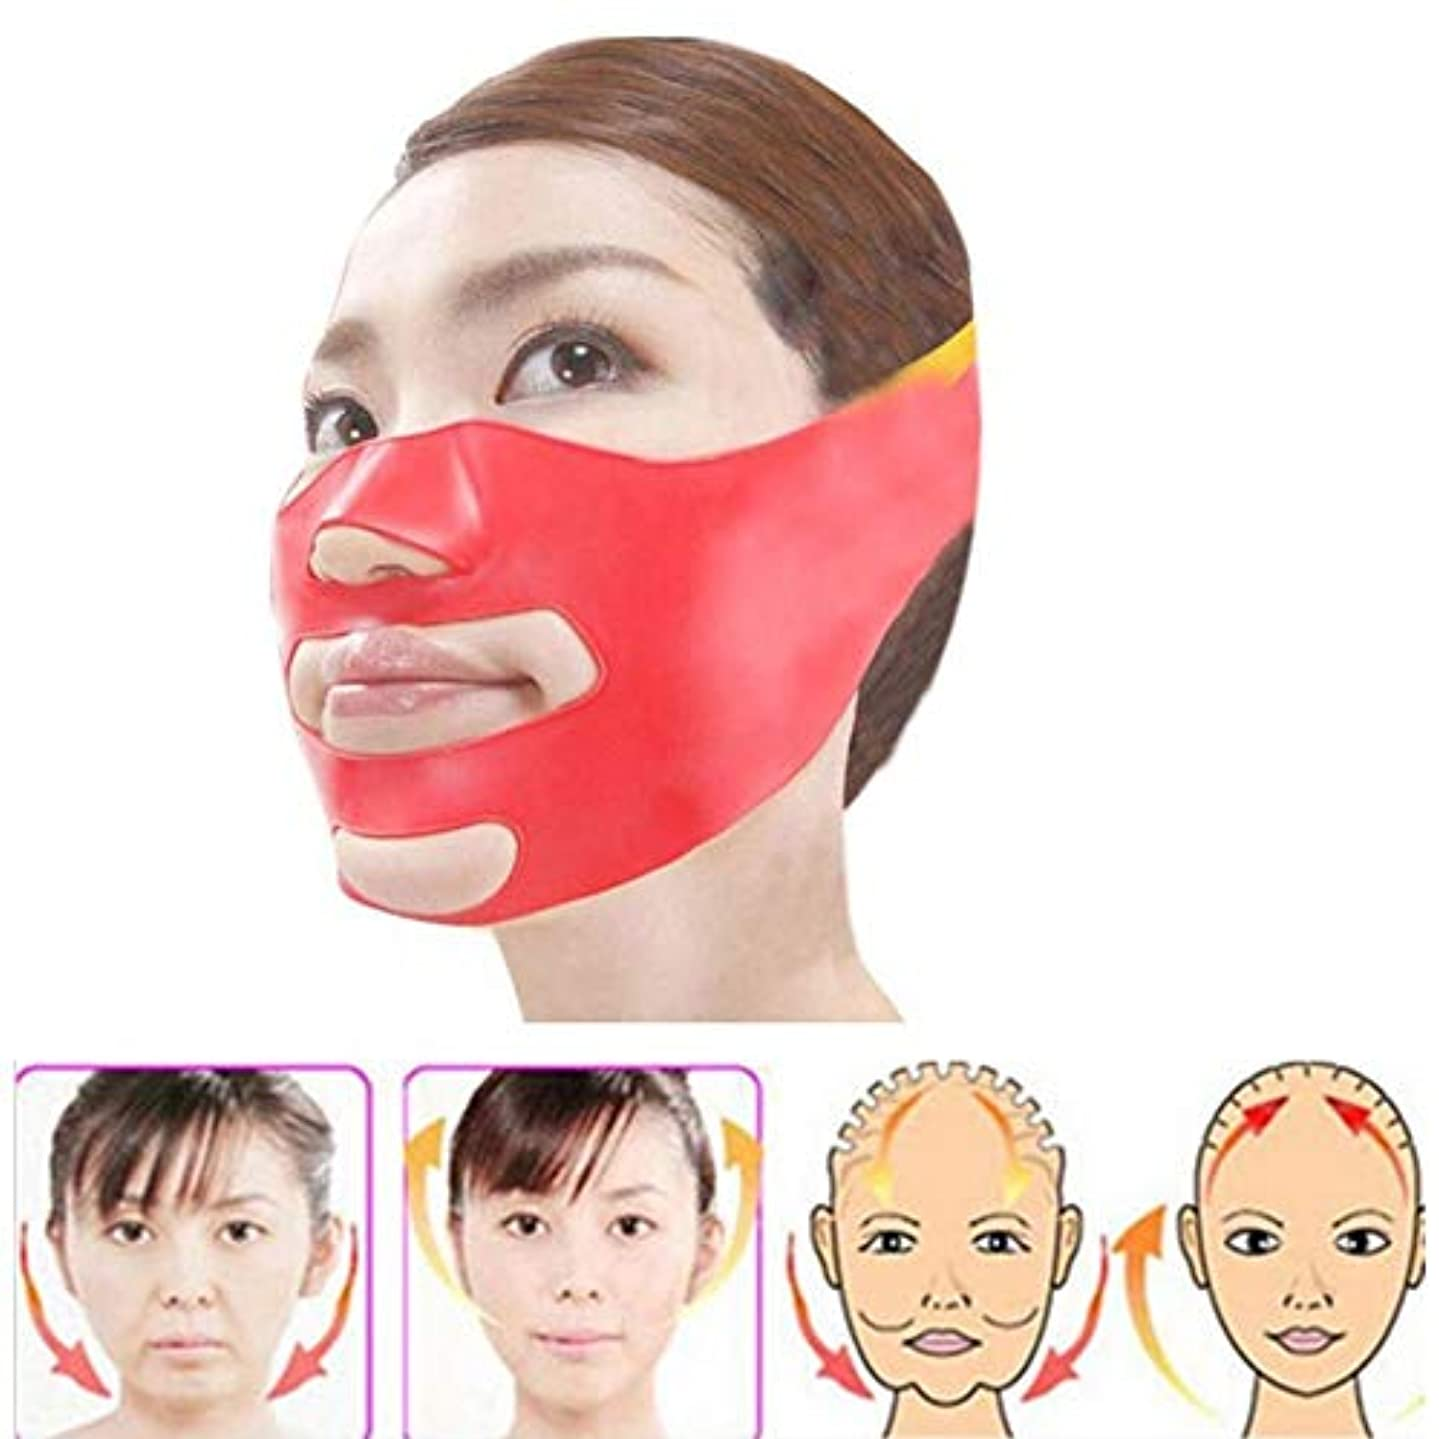 座標牧草地非効率的なフェイスベルト 小顔 マスク リフトアップ Cinsey 小顔ベルト 美顔 小顔 矯正 顔痩せ マスク シリコン 抗しわ 皮膚改善 軽量 通気性